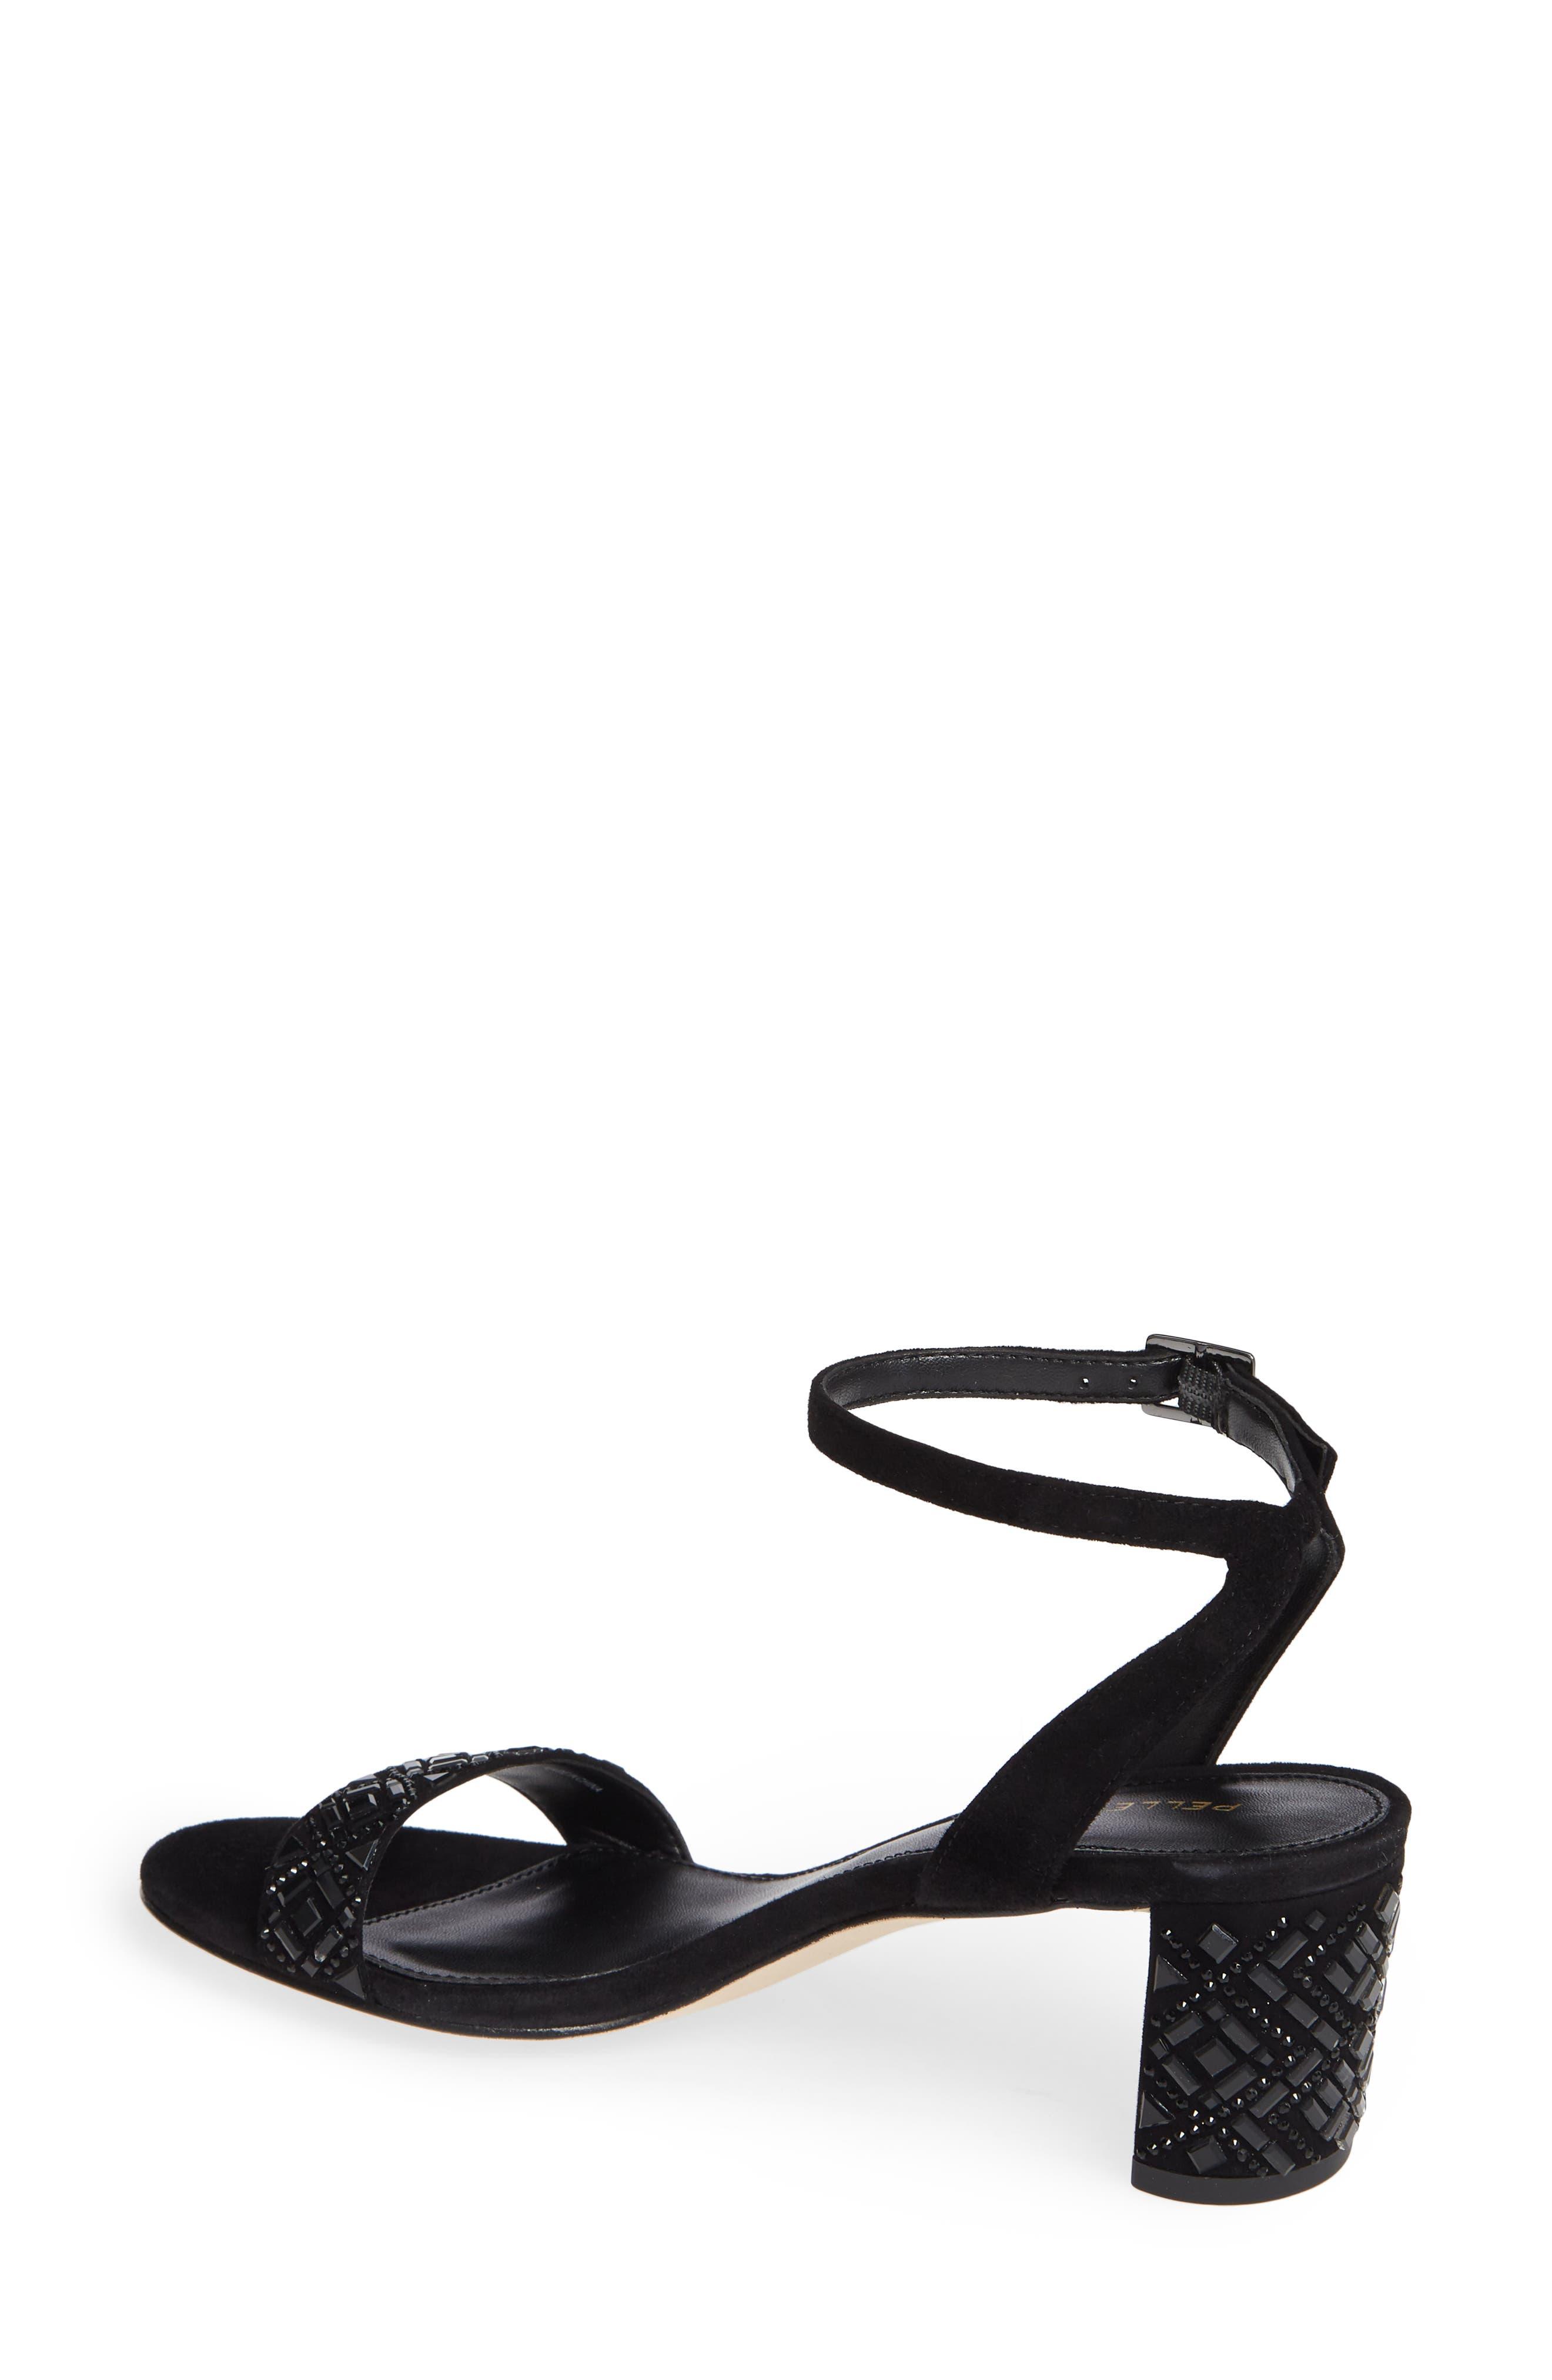 Moira Crystal Embellished Sandal,                             Alternate thumbnail 2, color,                             BLACK SUEDE